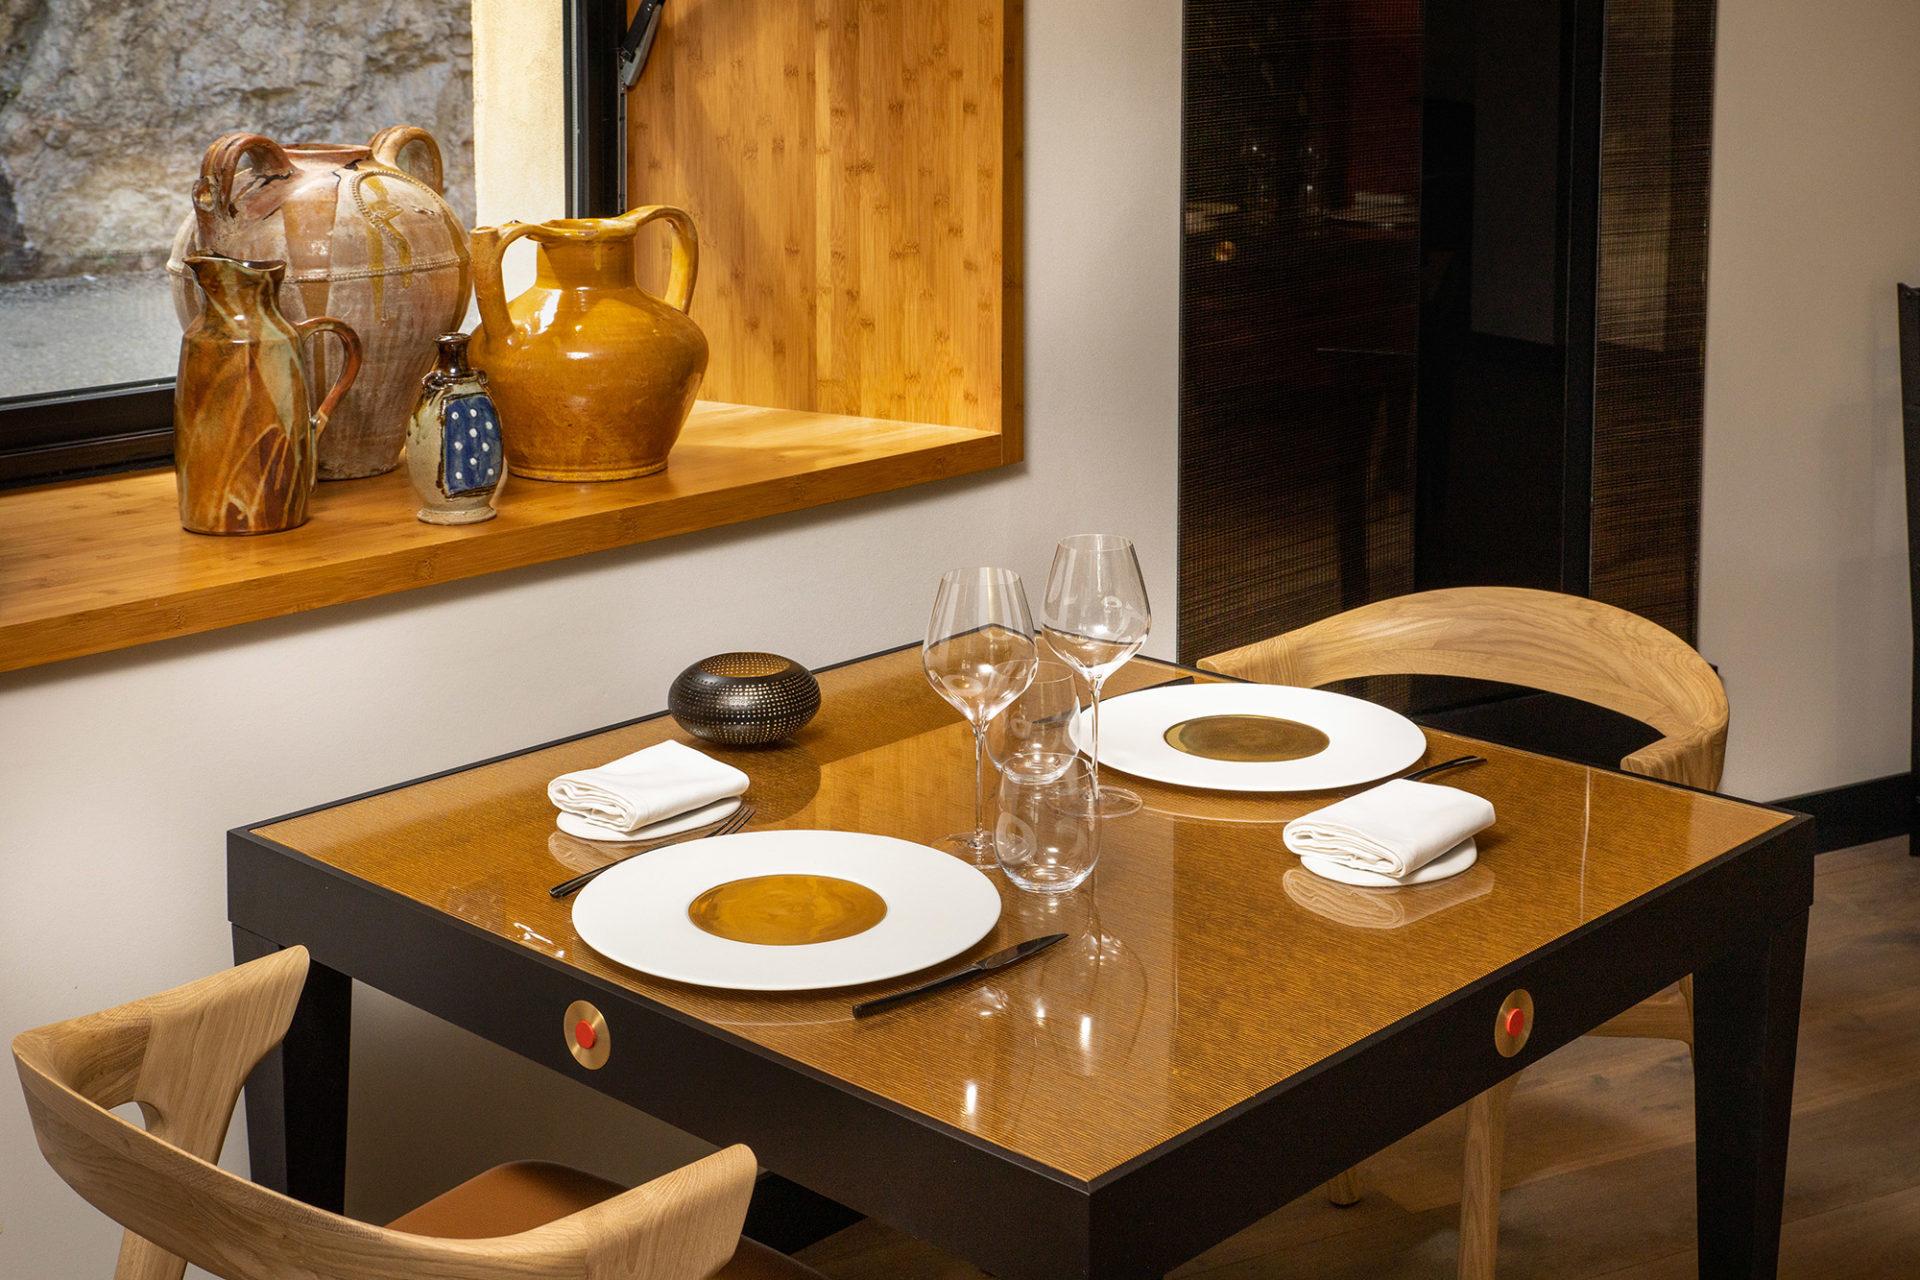 Table-solo-et-detail-5V3A4268-1-1920x1280